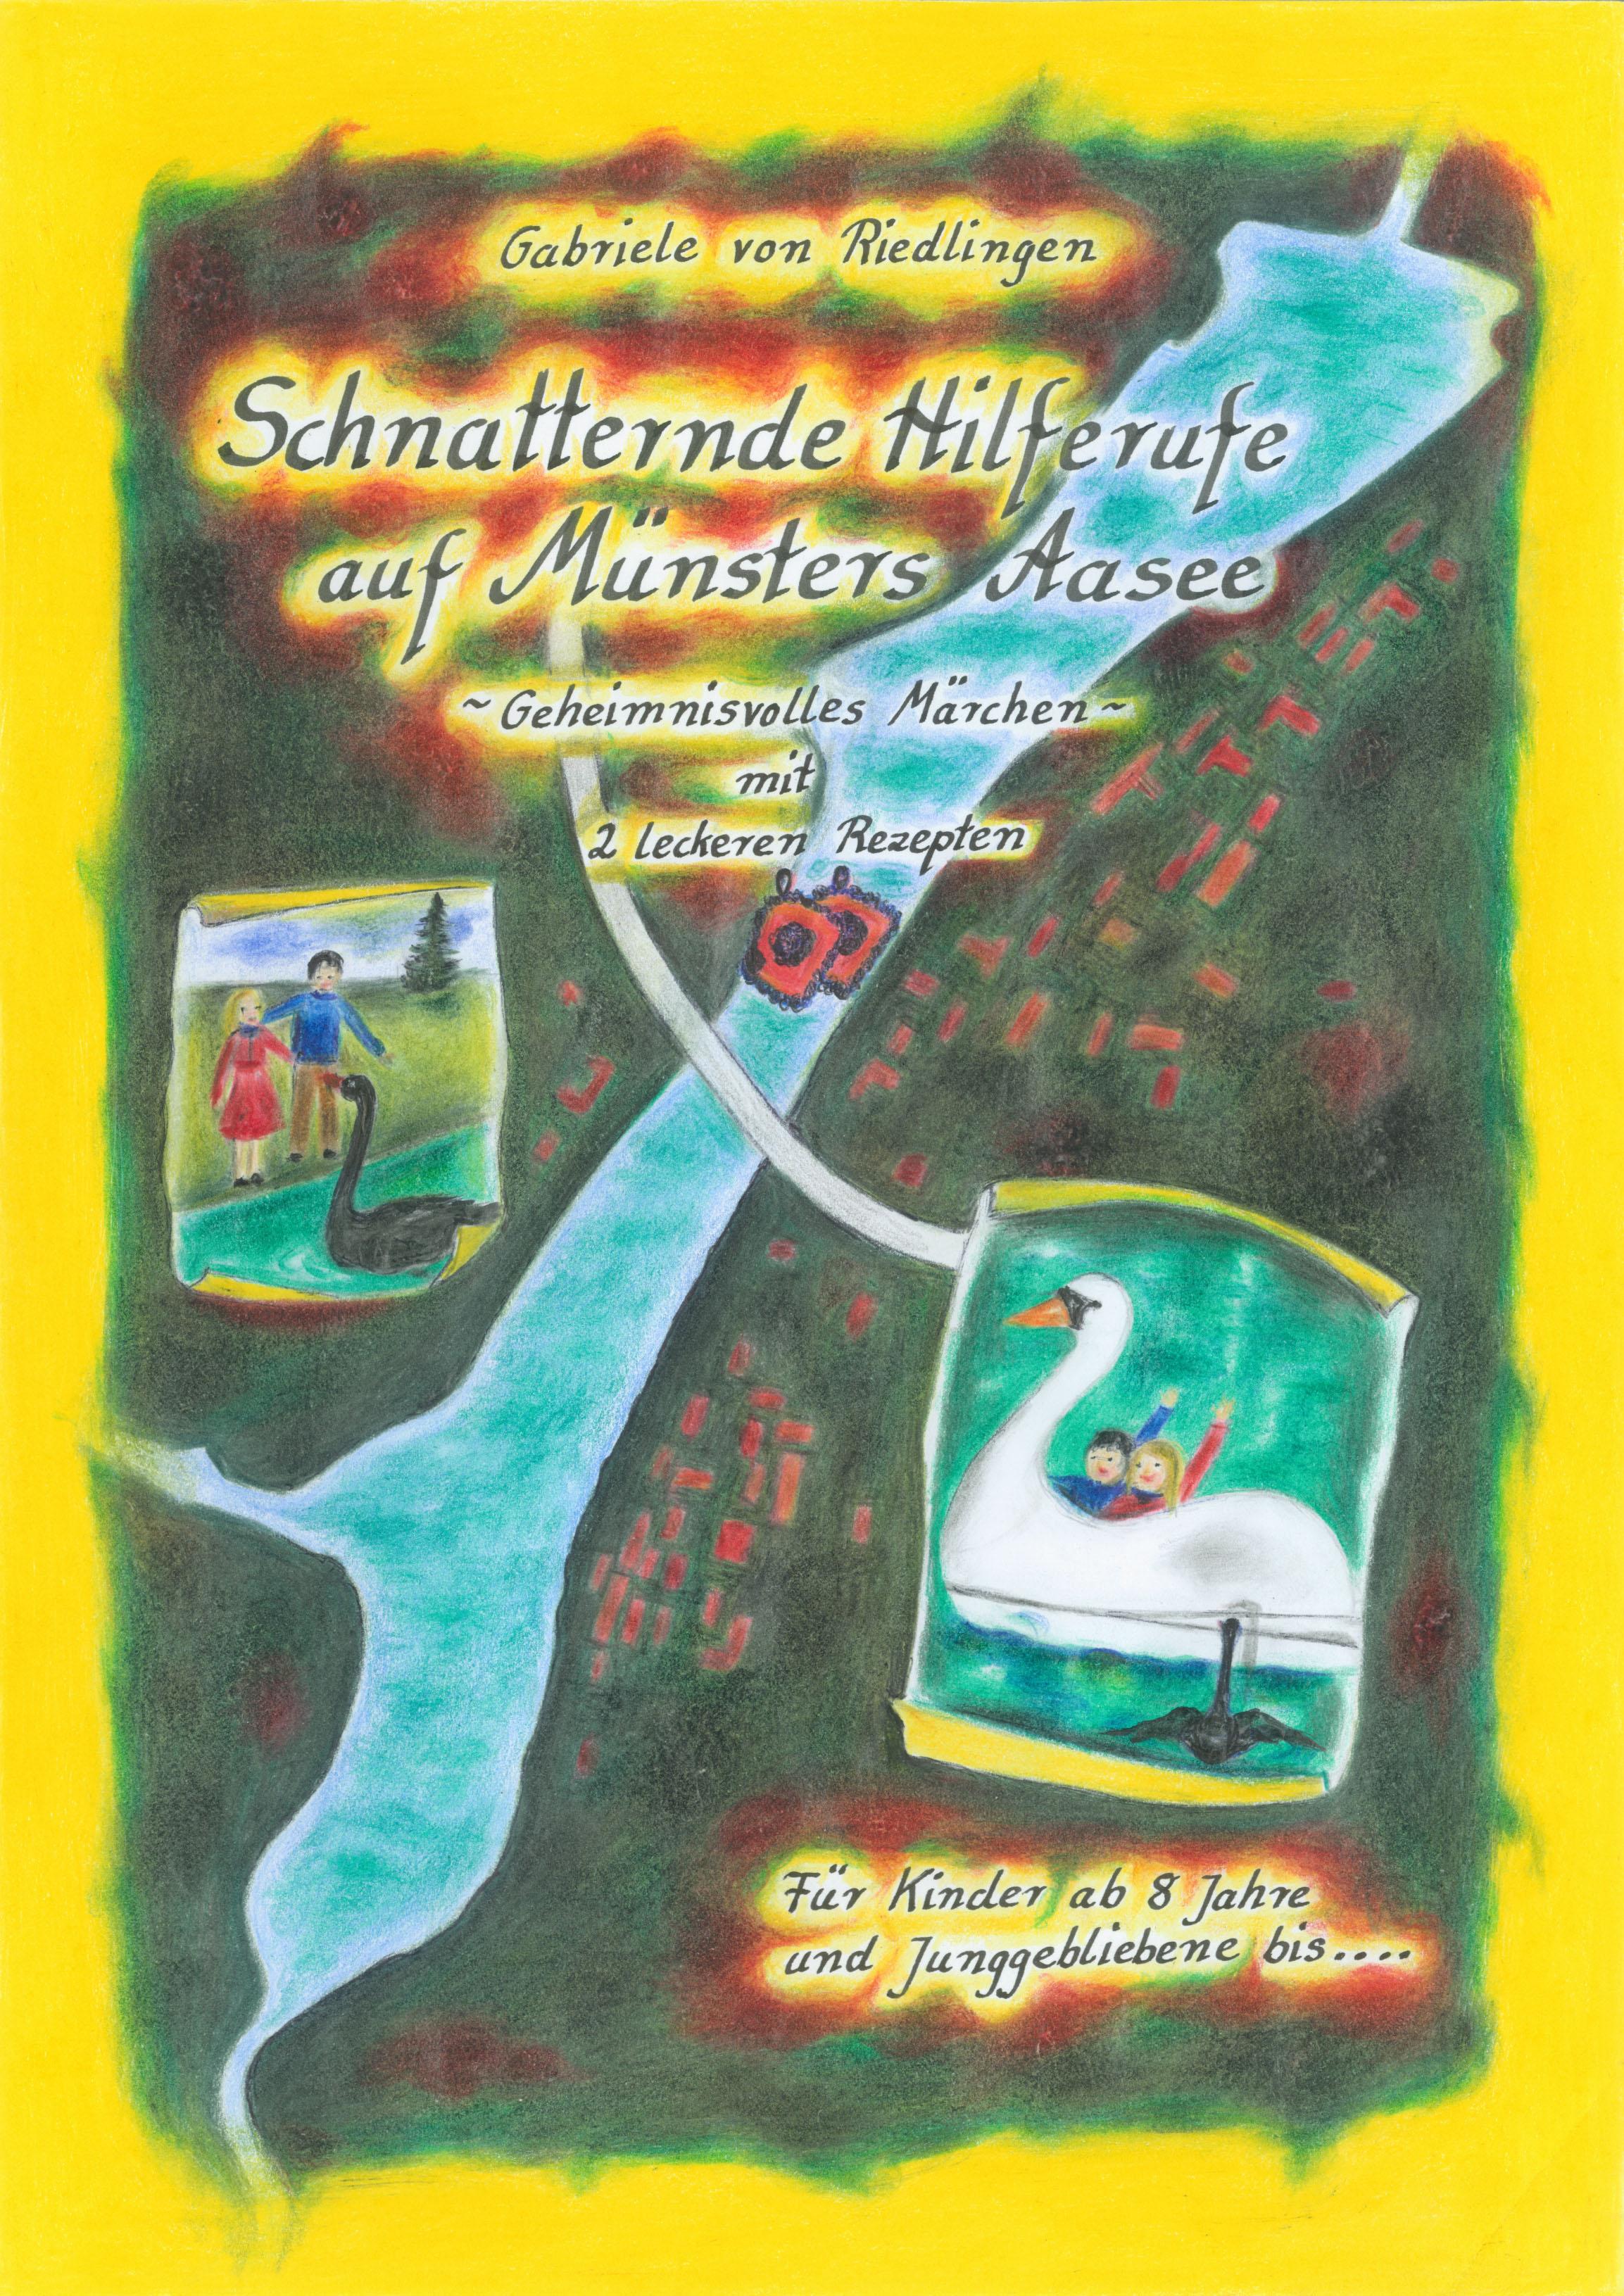 Schnatternde Hilferufe auf Münsters Aasee